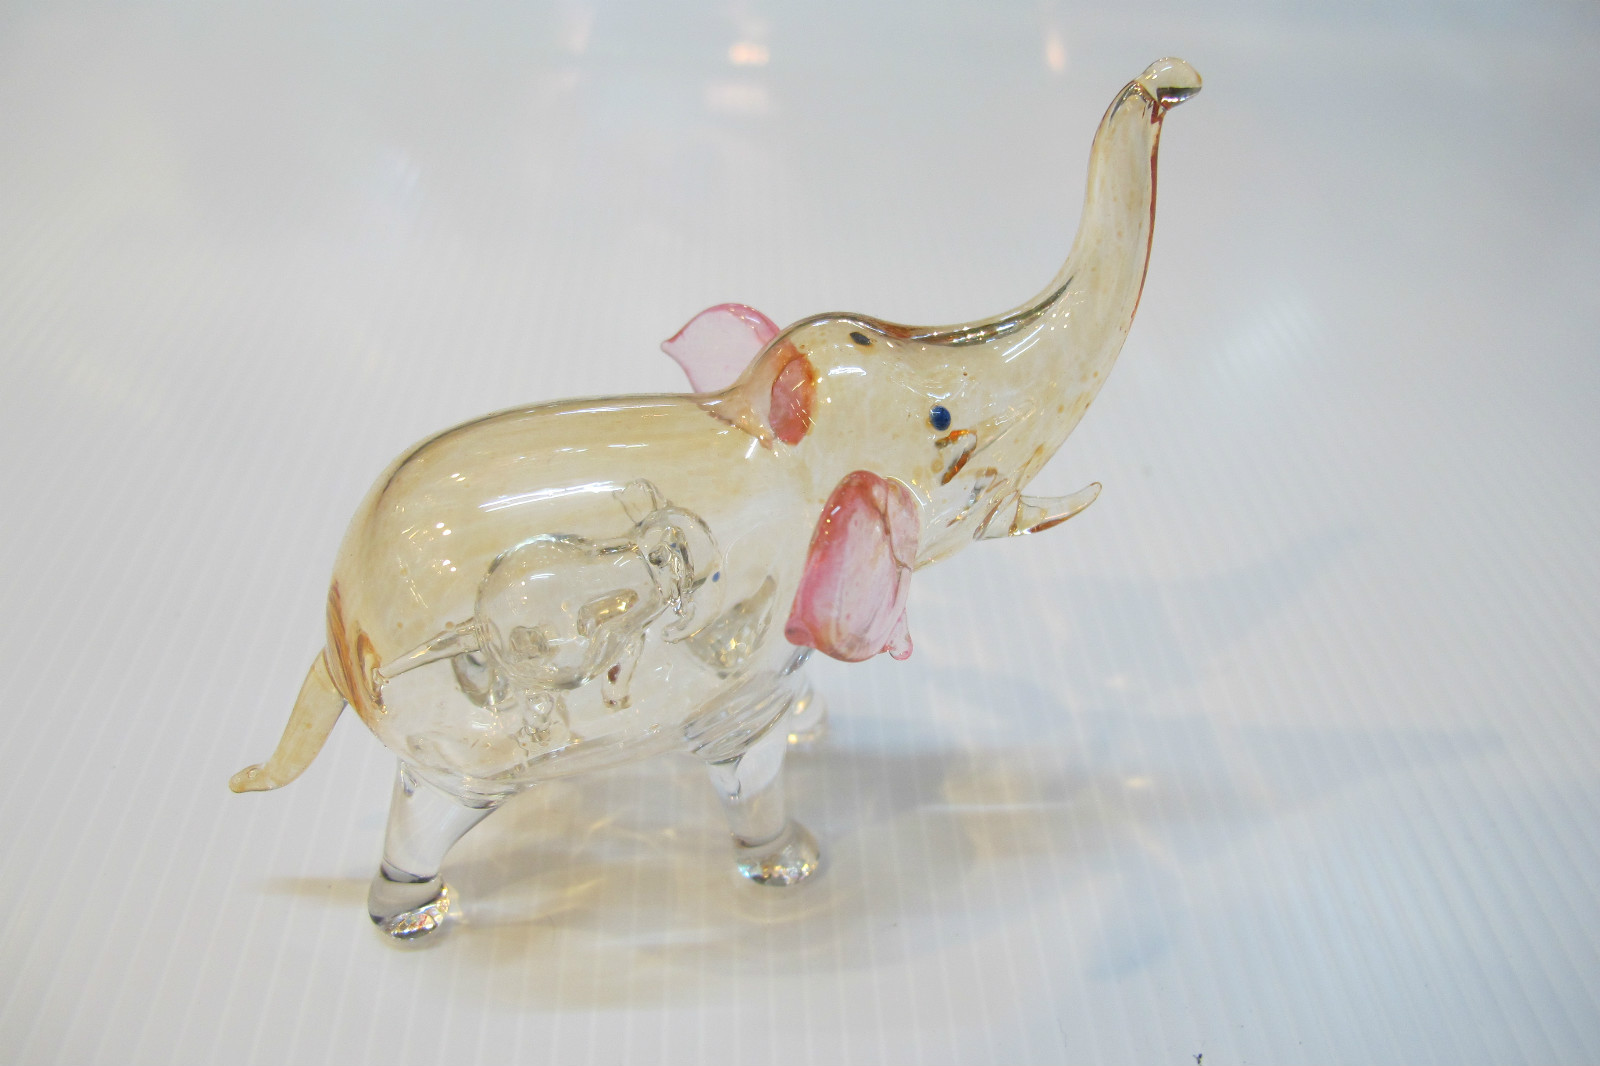 ช้างแก้วเป่า 2 in 1 Glass Figurine Elephant 2 in 1